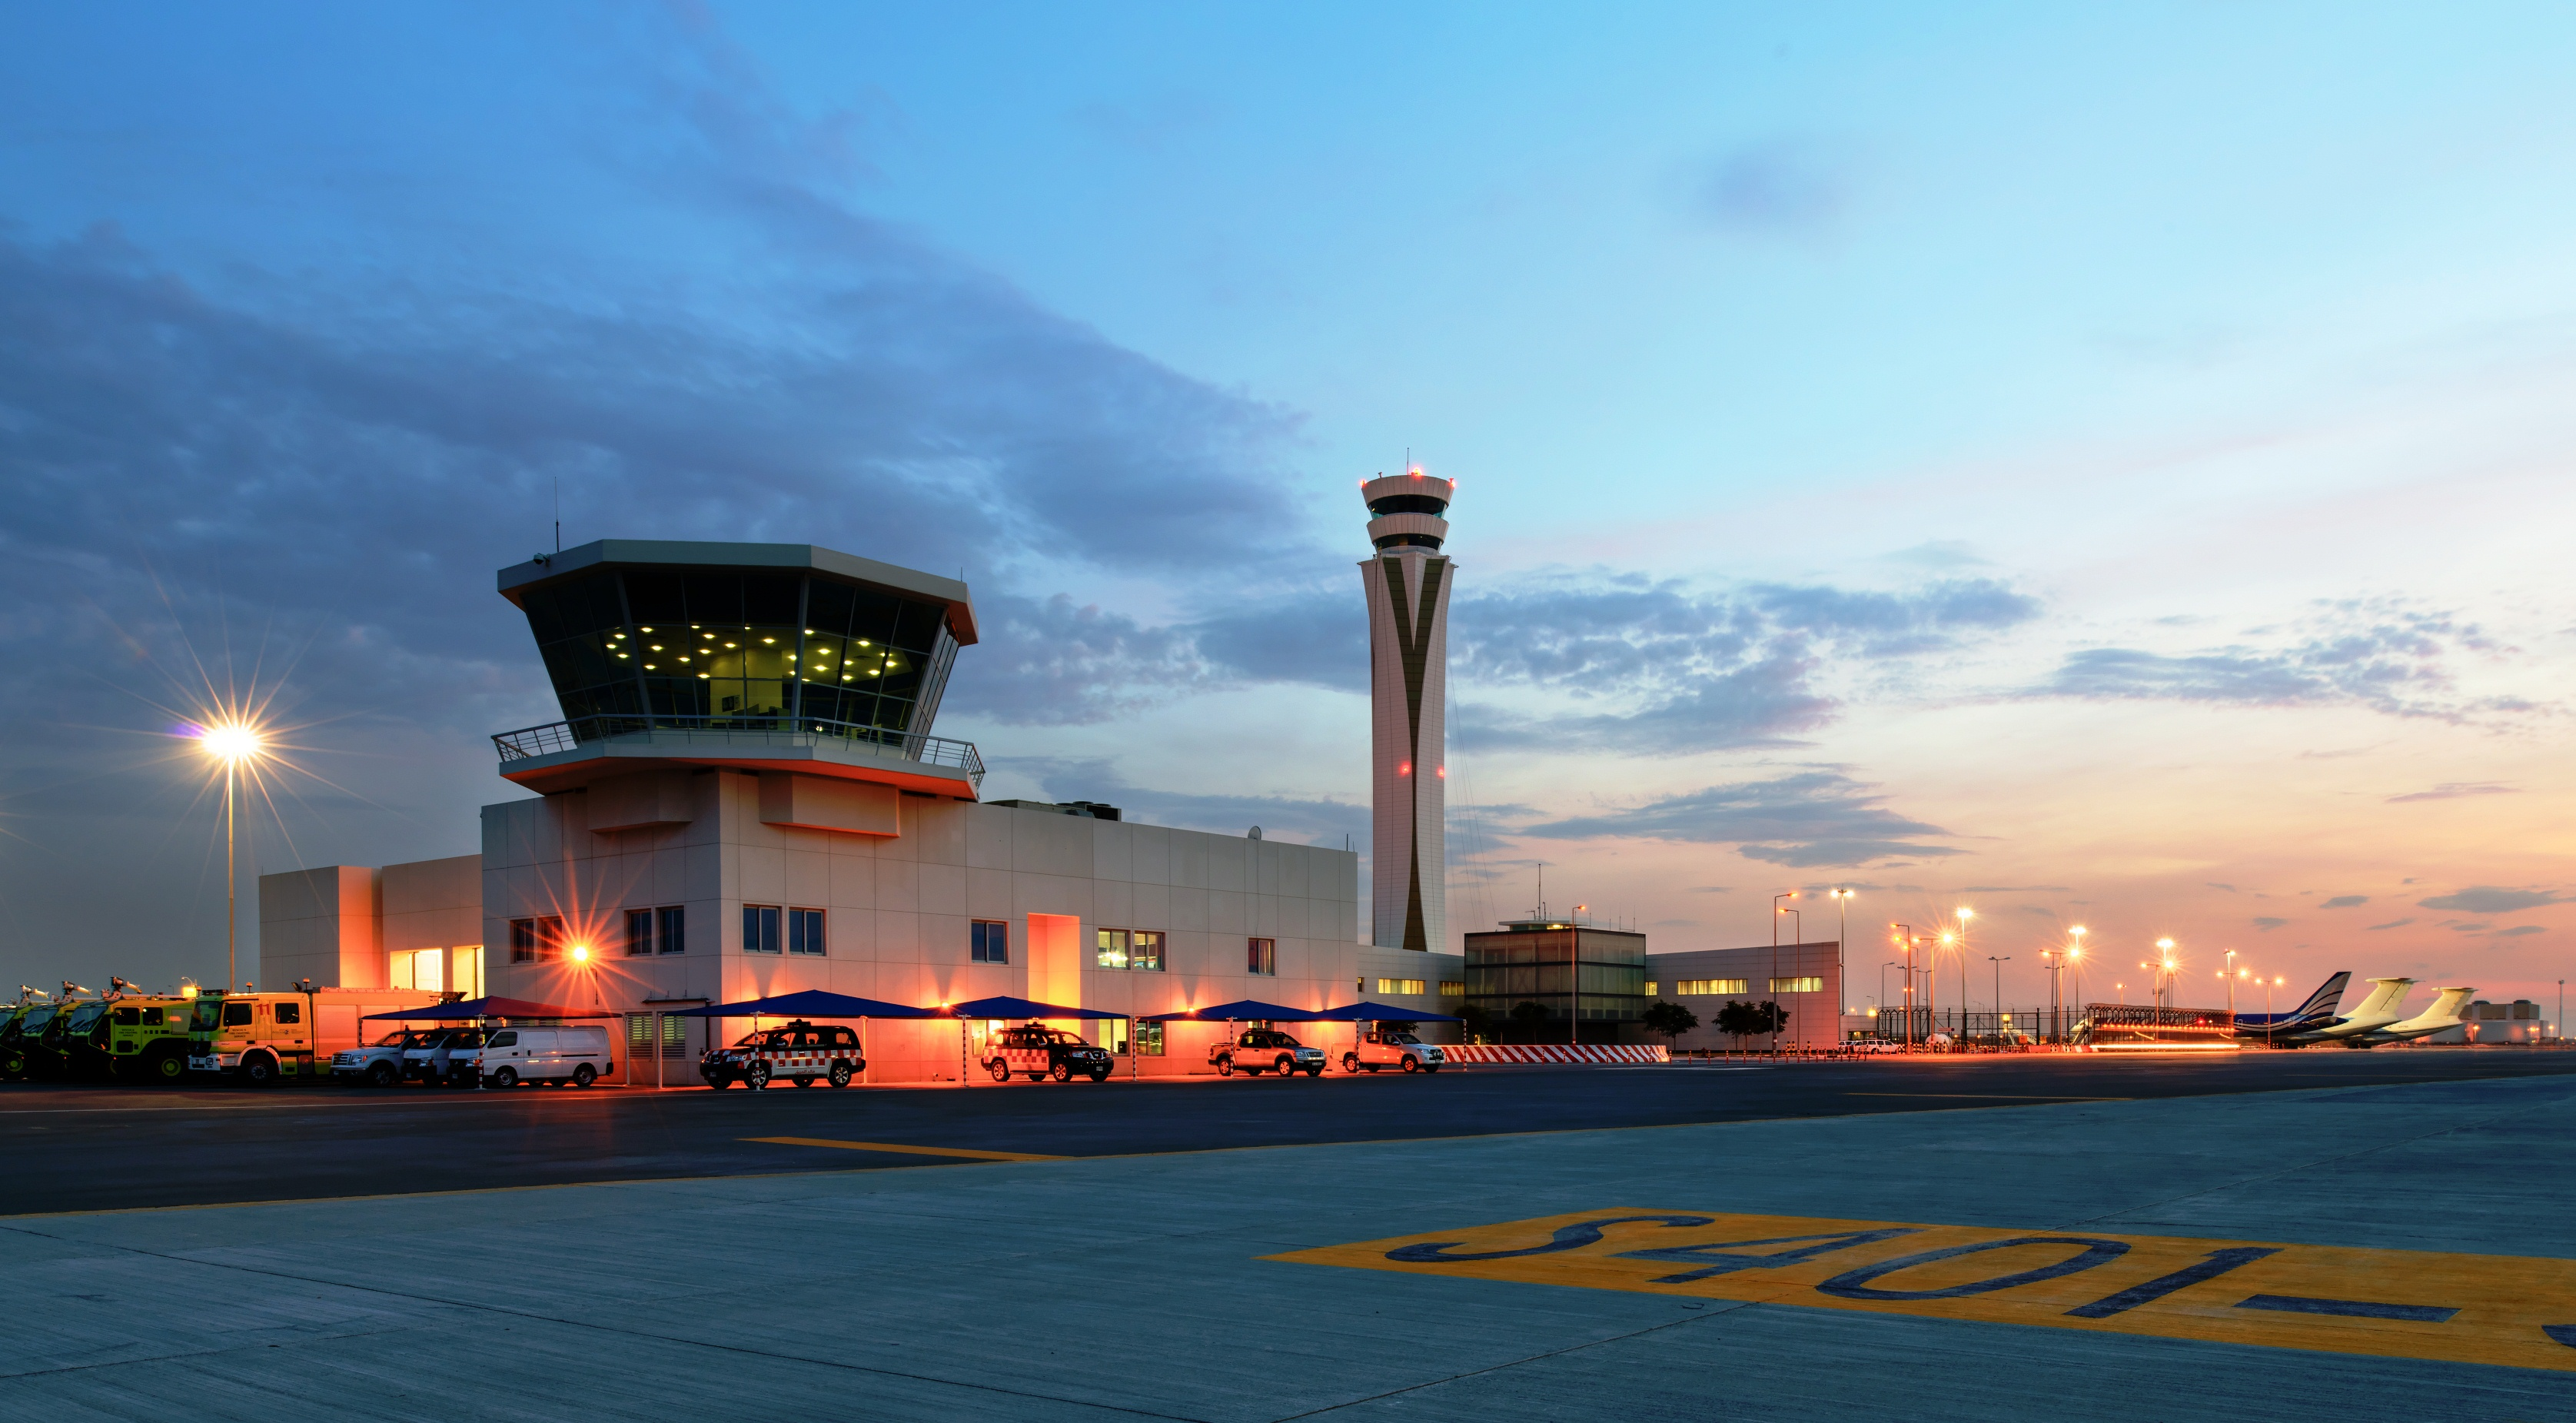 Dubai World Central Airport (DWC) skal efter planen udbygges til 260 millioner passagerer årligt. Foto: Dubai Airports